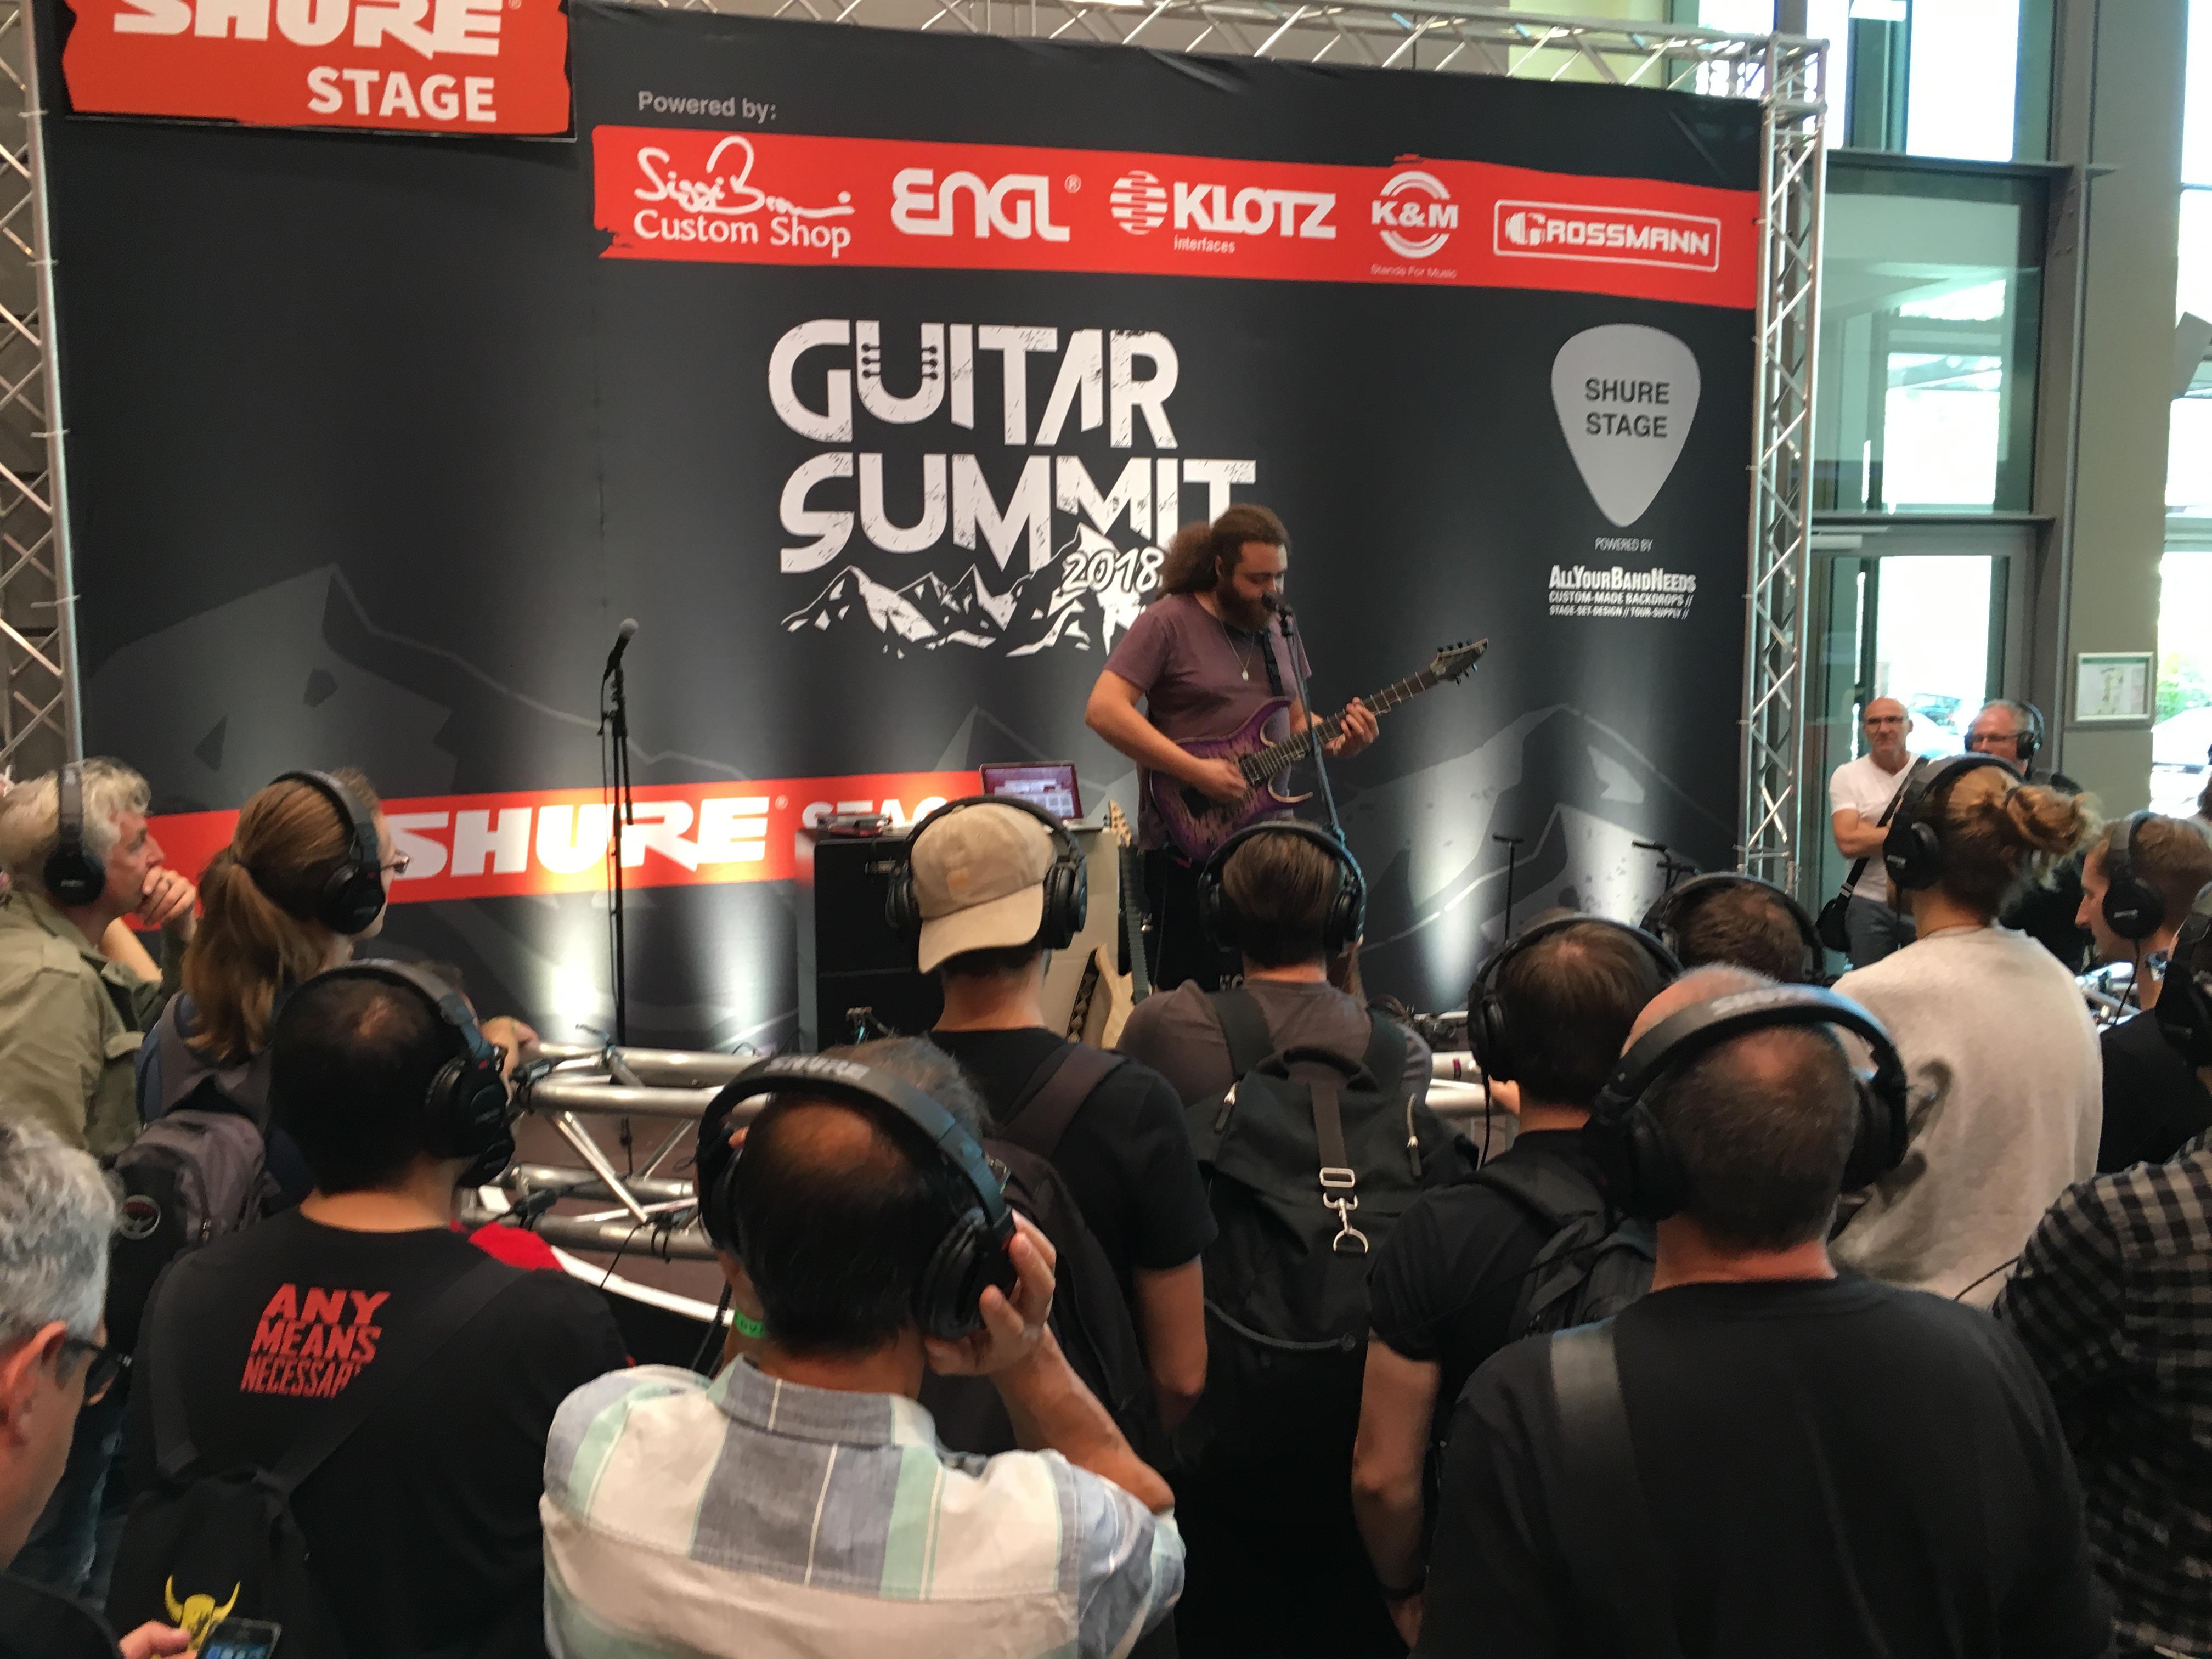 Guitar Summit 2018 - Video blogging - Day 2